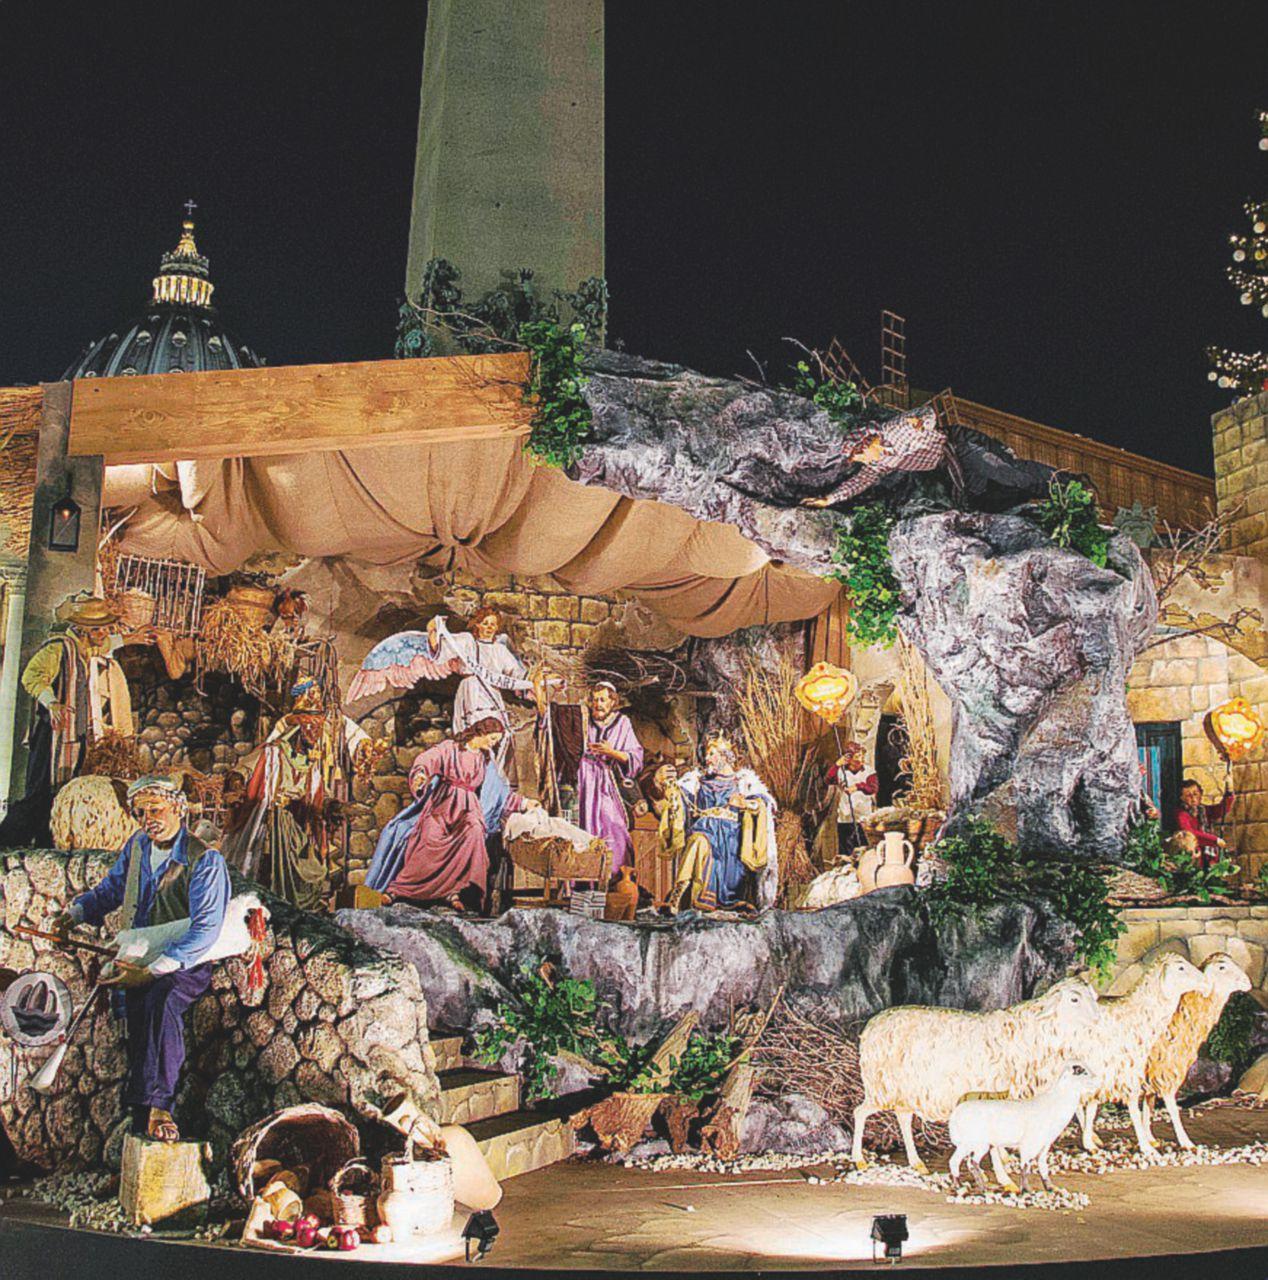 I magi non sono re, il bue non c'era: il nostro Natale è pieno di bufale